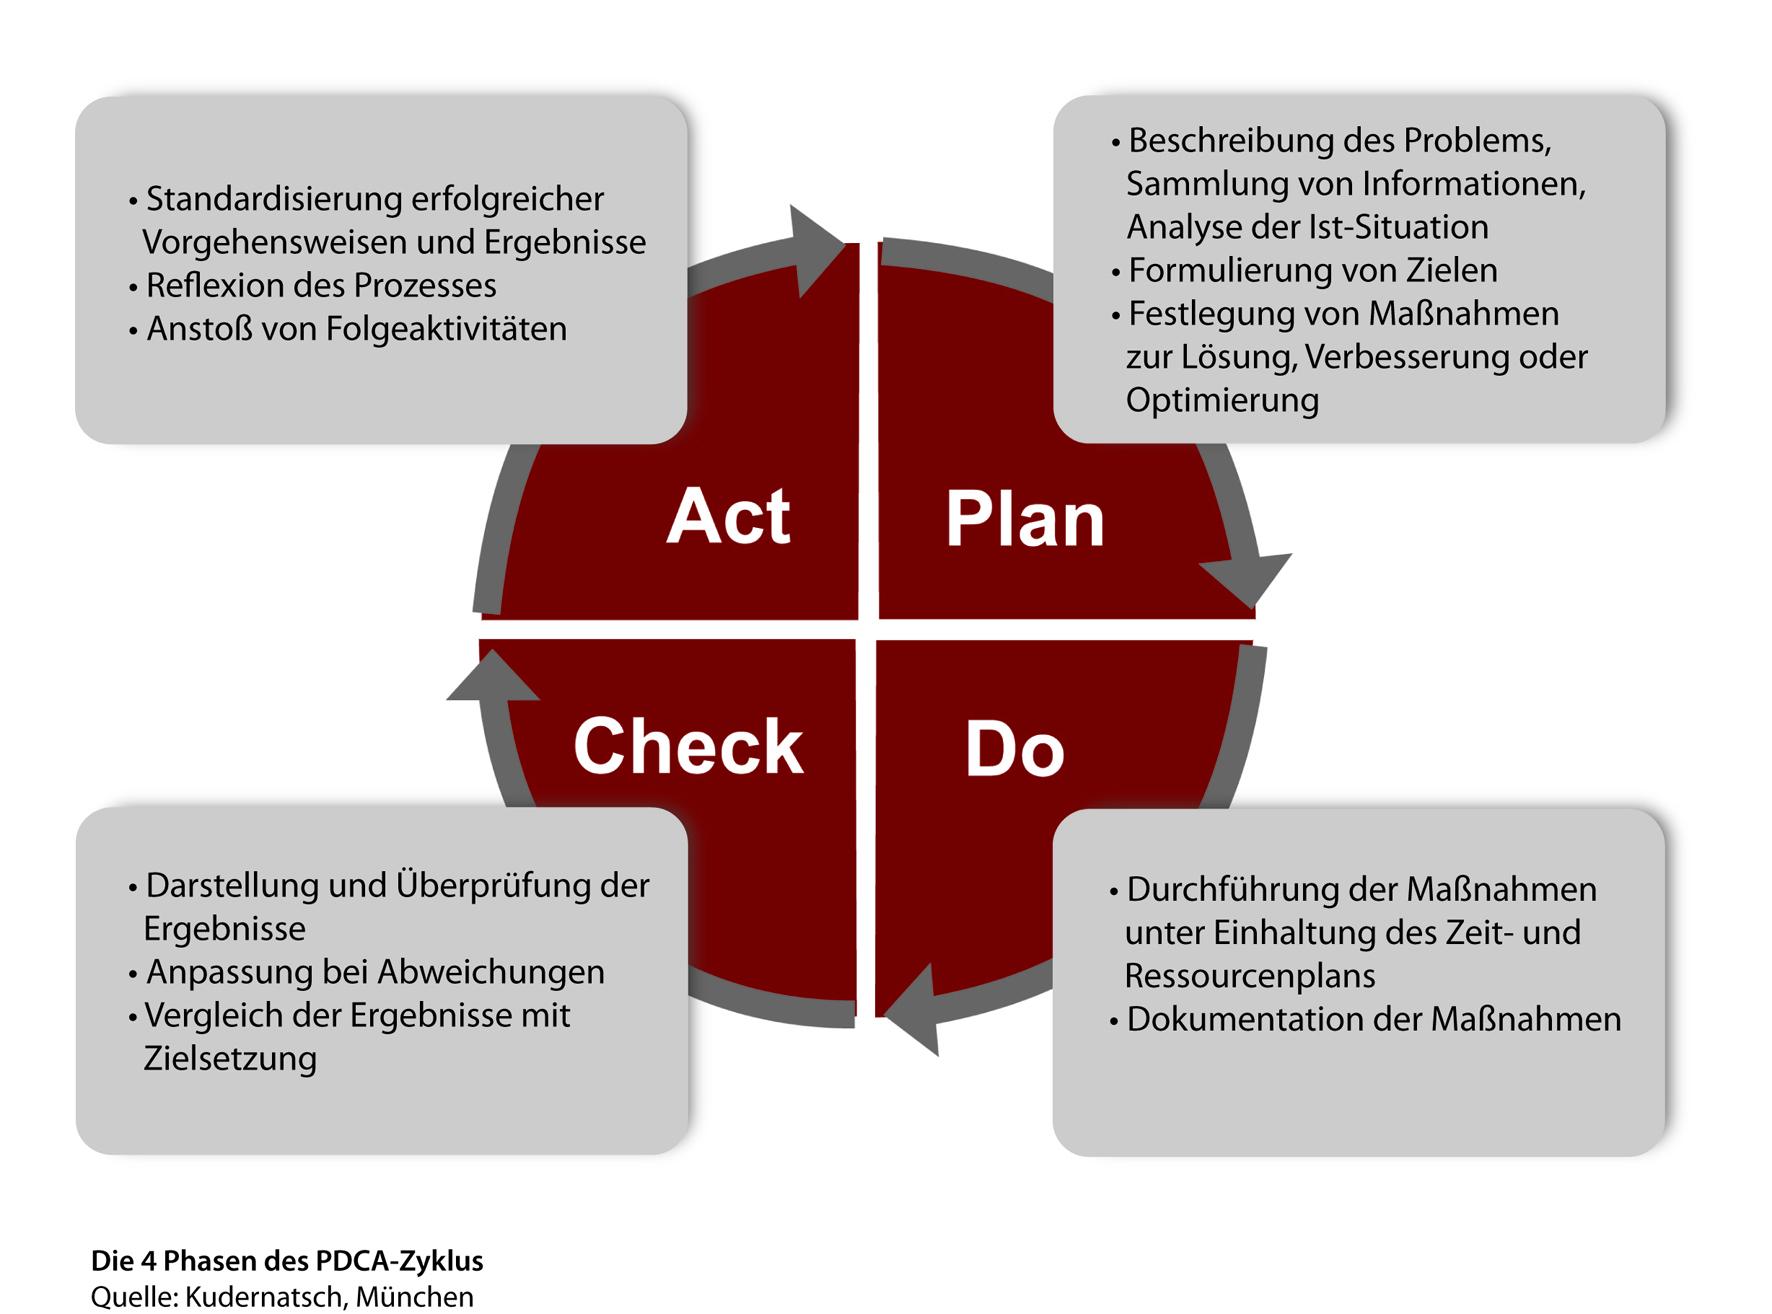 Qualitätsmanagement: Die Methode PDCA-Zyklus am Beispiel erklärt ...